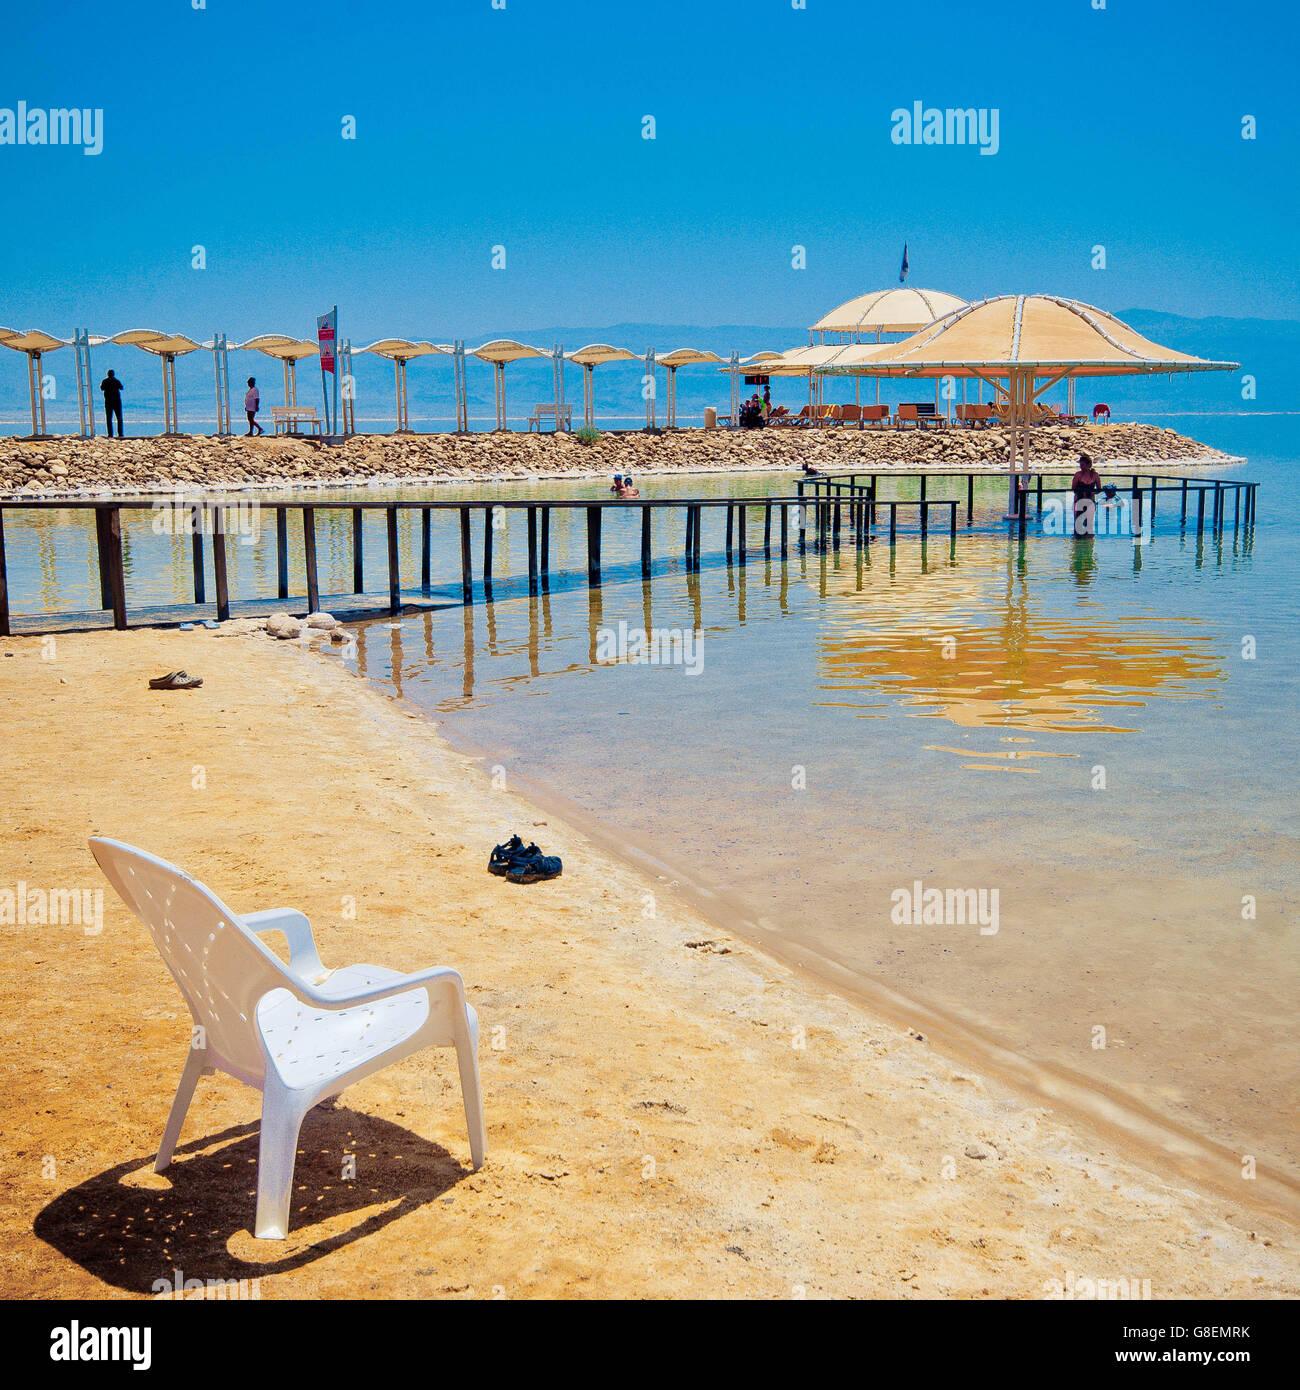 La silla en la orilla del Mar Muerto en Israel. Imagen De Stock